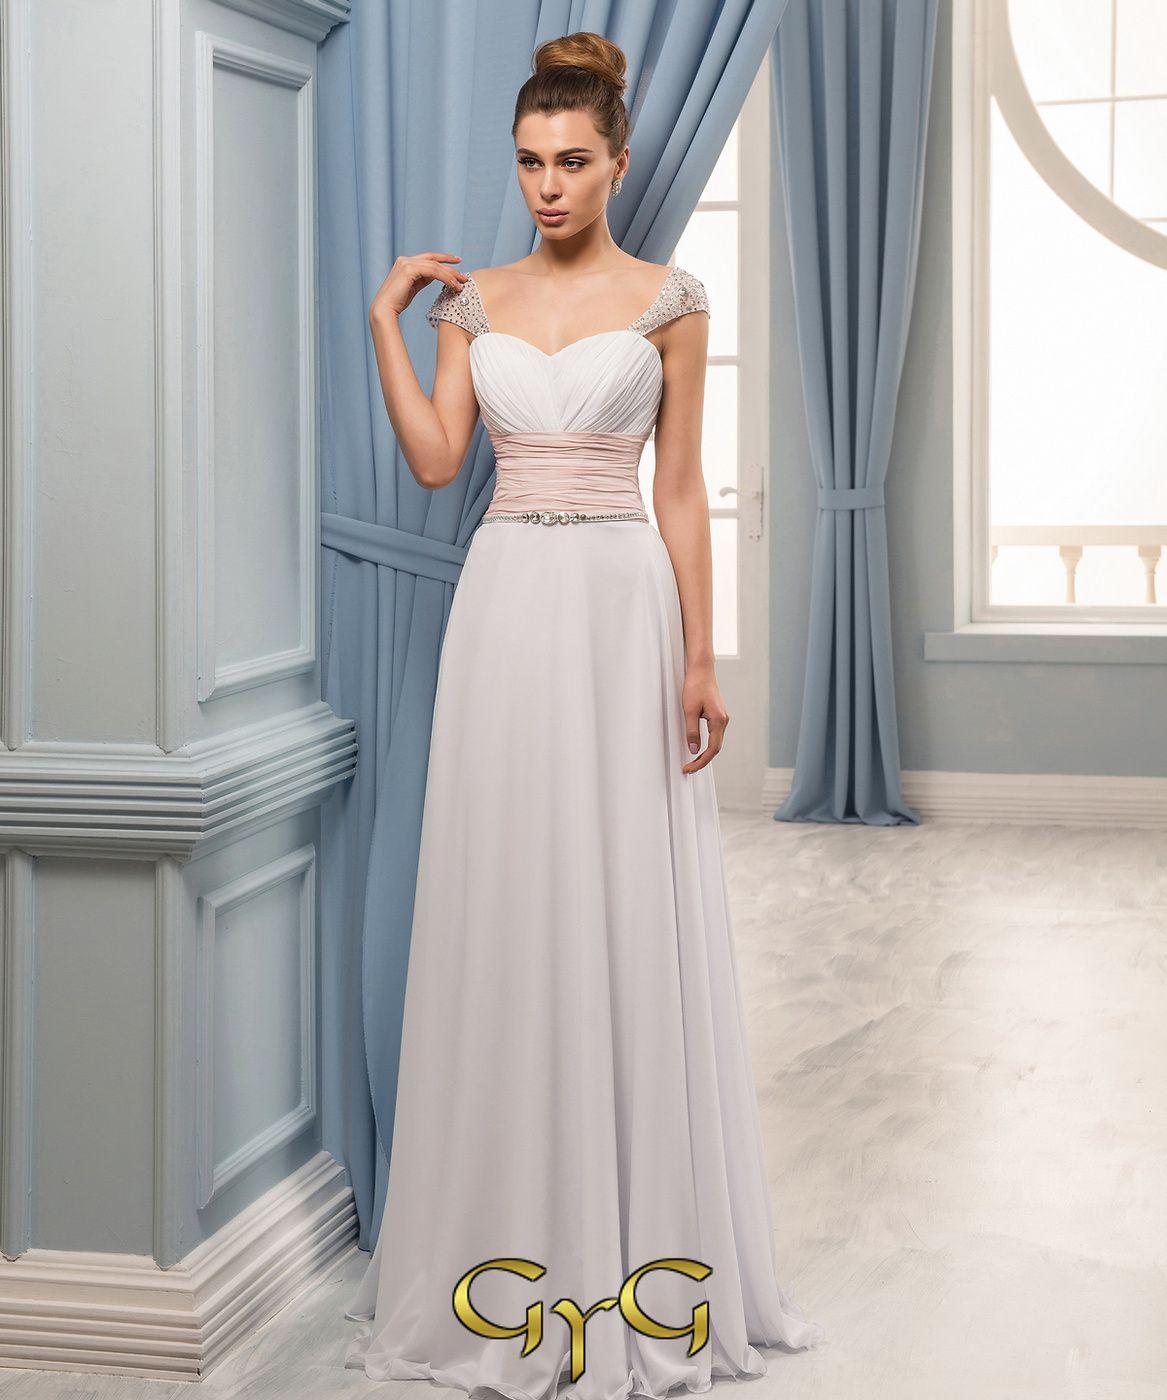 El vestido de novia Yasmin es un vestido de linea griega, bicolor ...